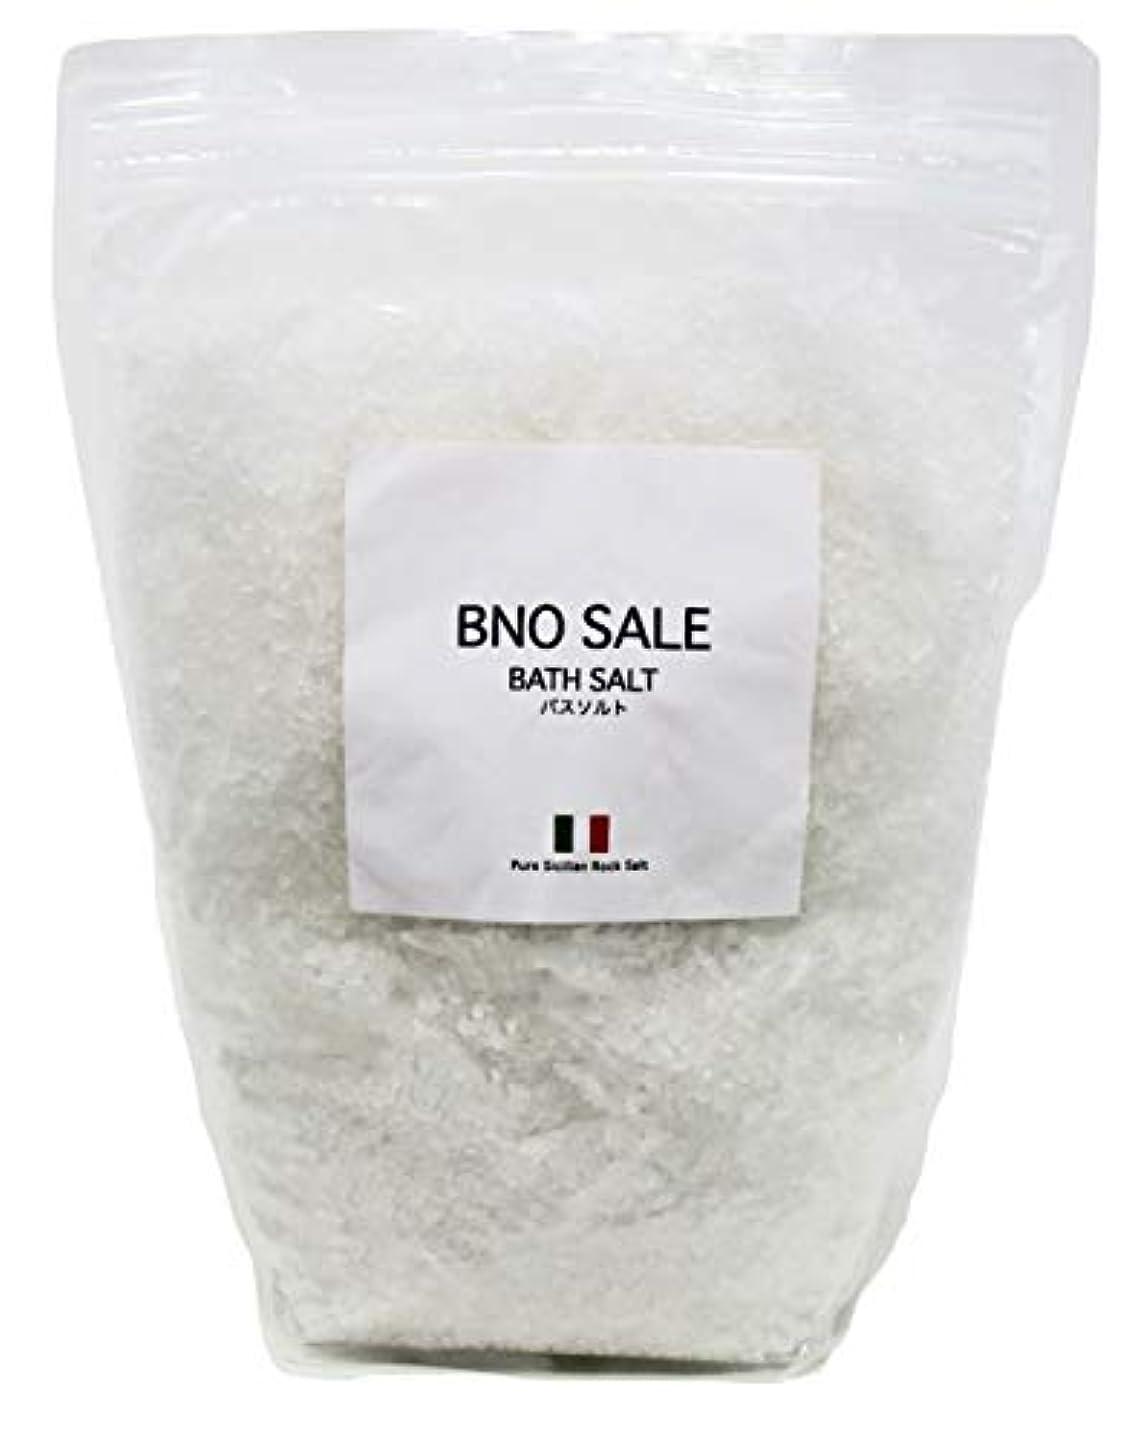 保護する従順な番号シチリア産 岩塩 2Kg バスソルト BNO SALE ヴィノサーレ マグネシウム 保湿 入浴剤 計量スプーン付